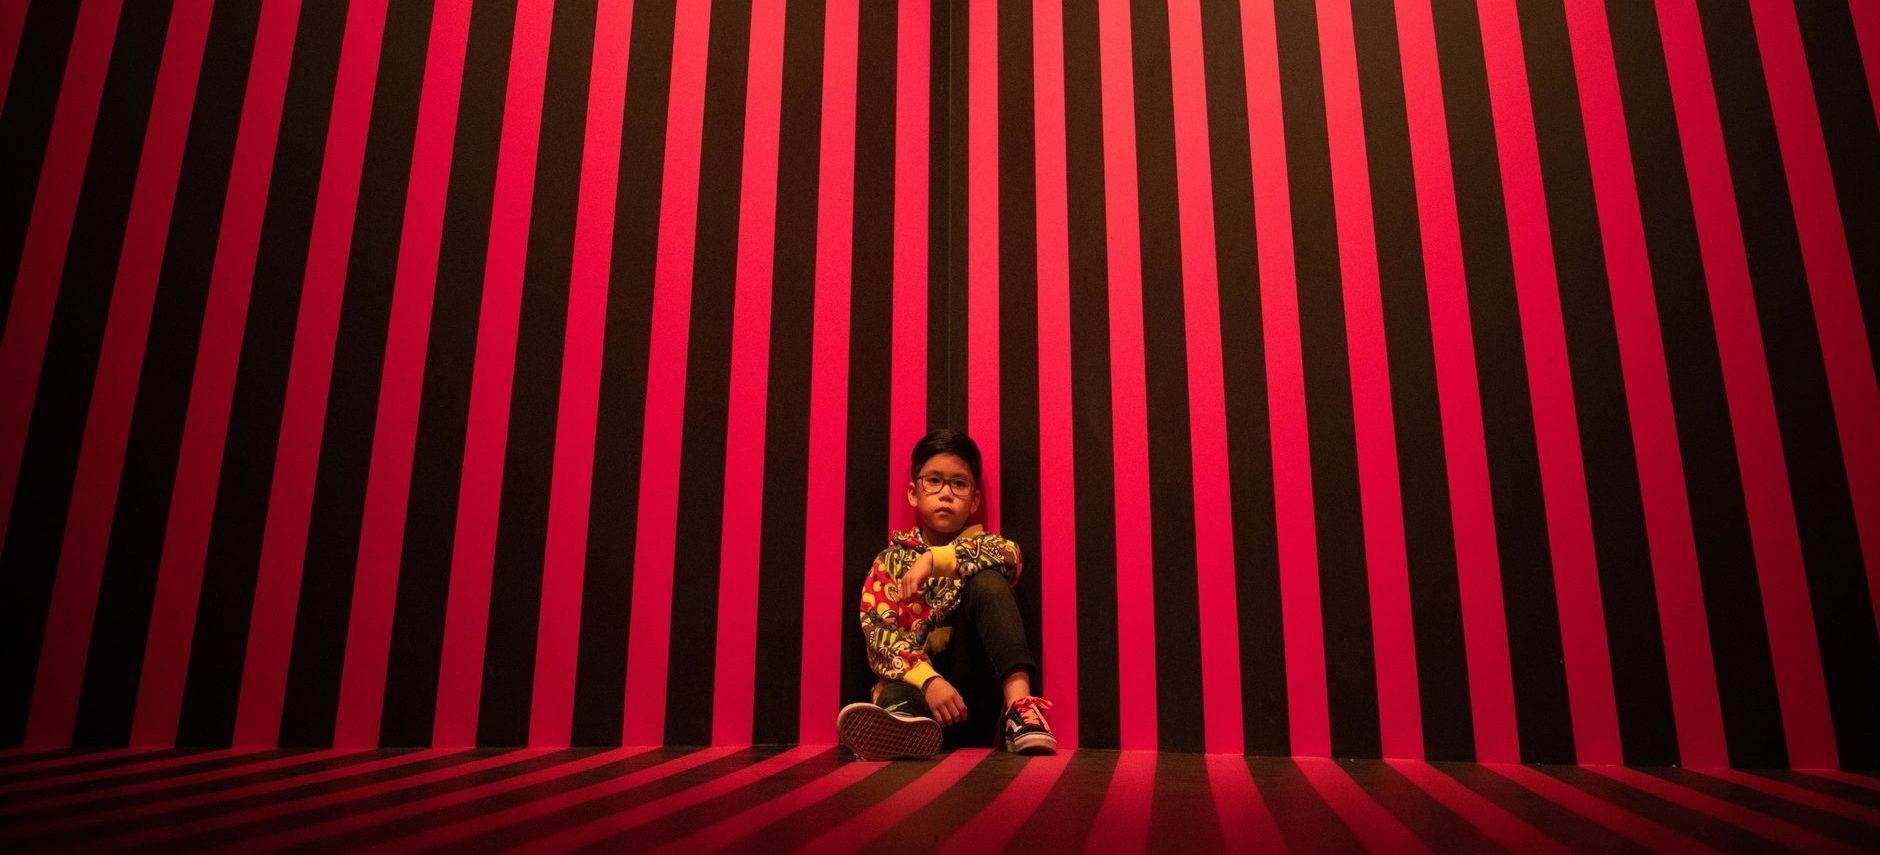 Kusama Kamer Strepen door Irma de Vries in het Moco Museum